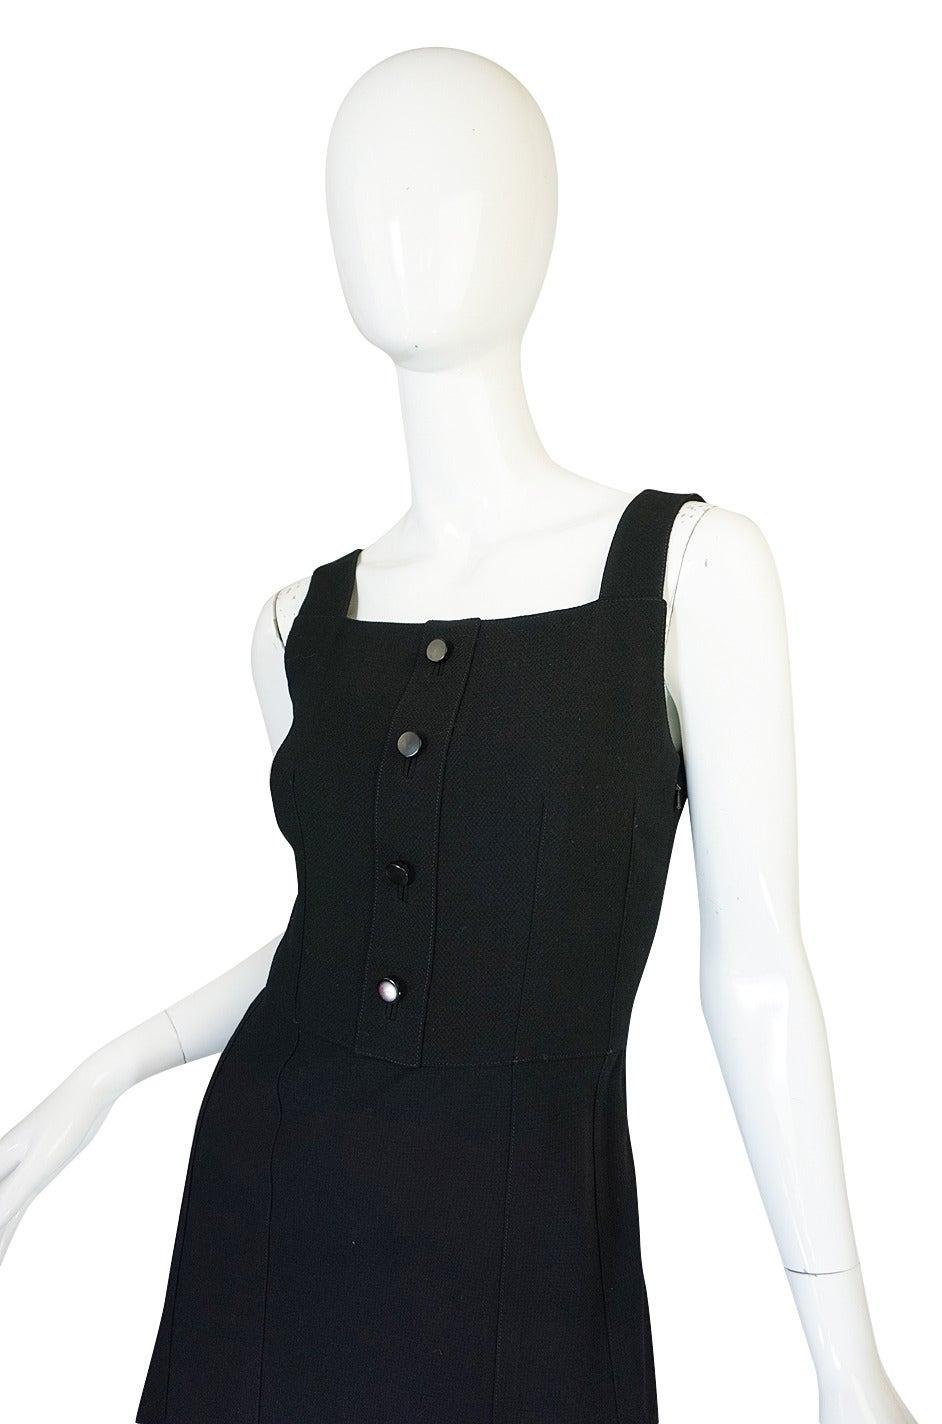 Women's 1960s Courreges HyperBole Twirling Skirt Sleeveless Dress For Sale